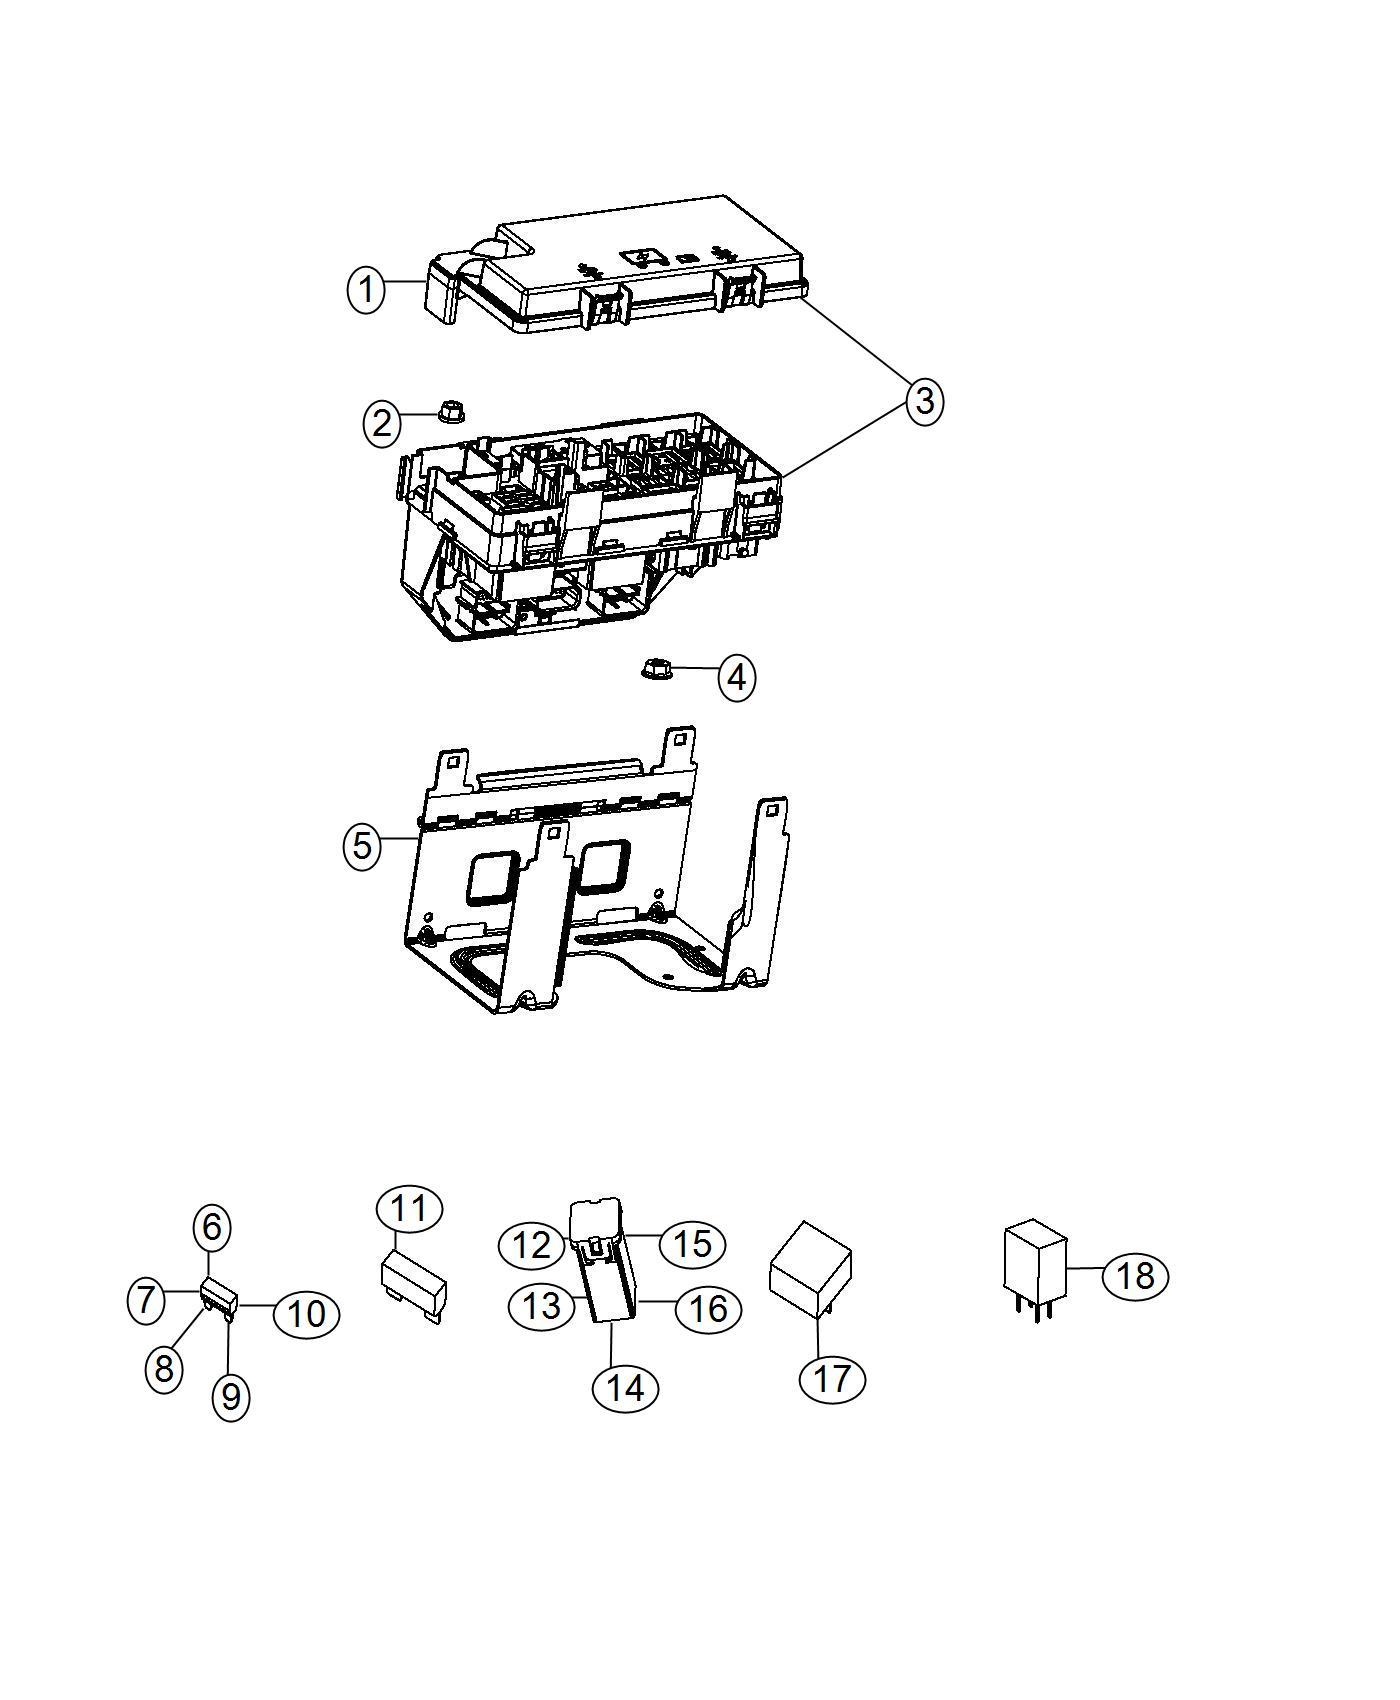 Dodge Grand Caravan Holder. Fuse. Includes 60 amp j case